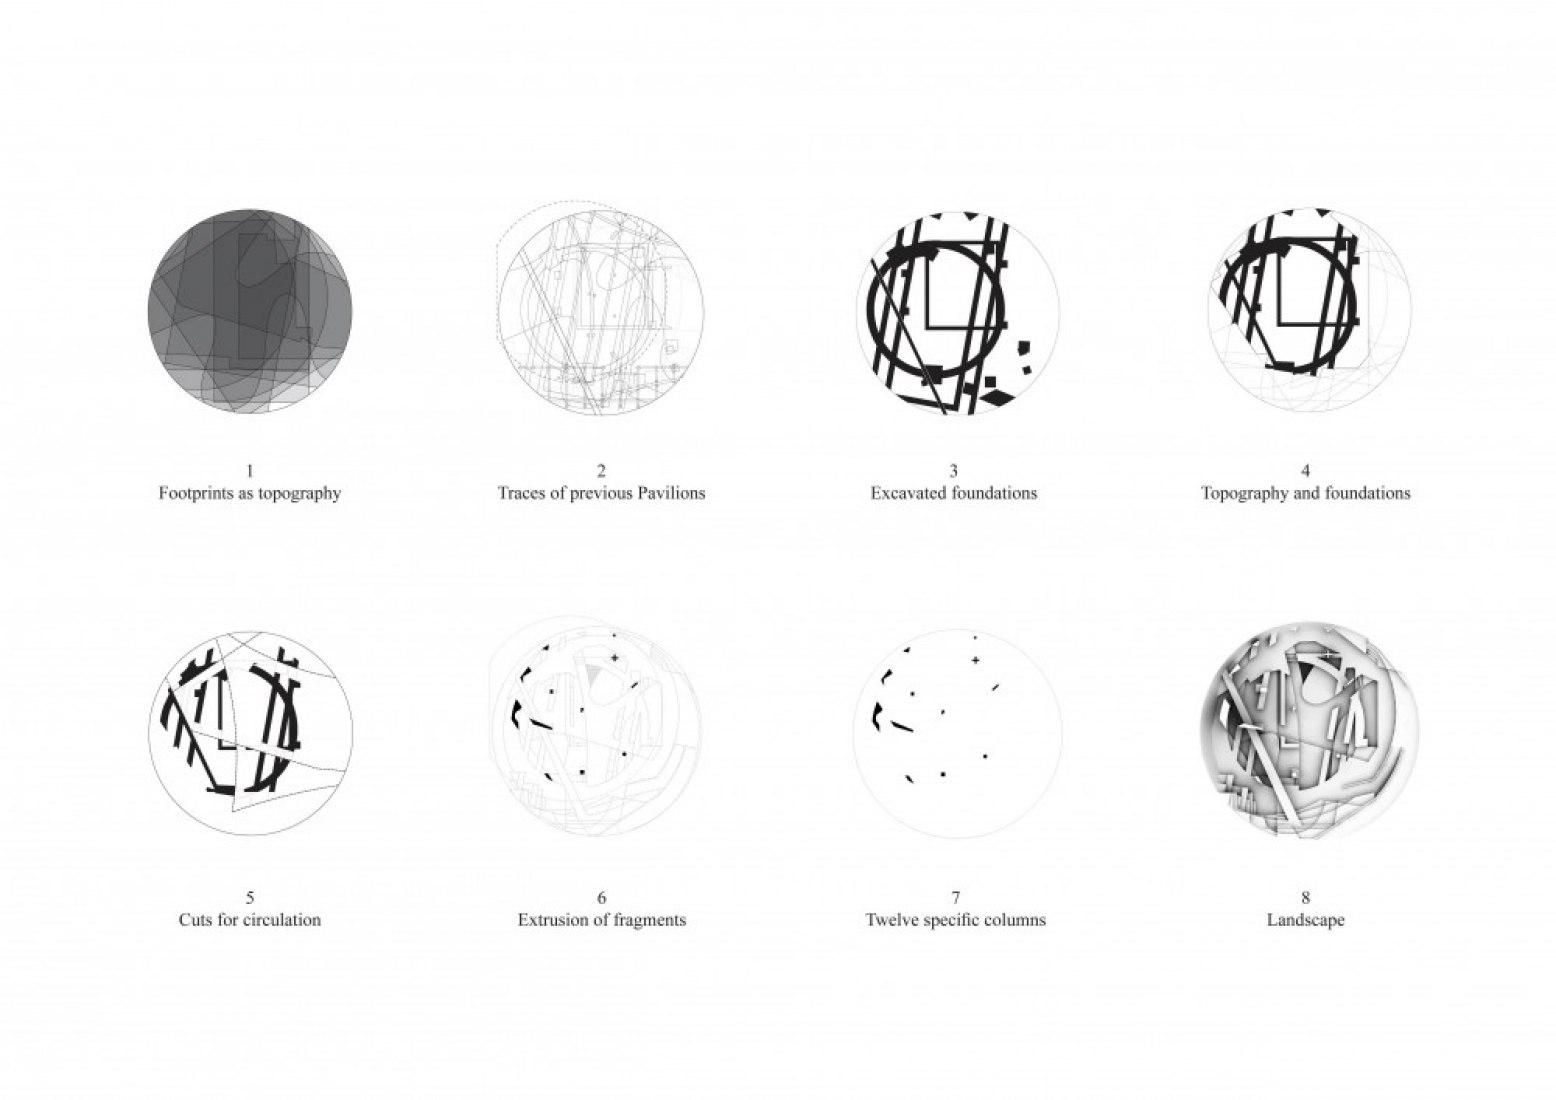 Diagramas de planta. Pabellón 2012 de la Galería Serpentine diseñado por Herzog & de Meuron y Ai Weiwei.